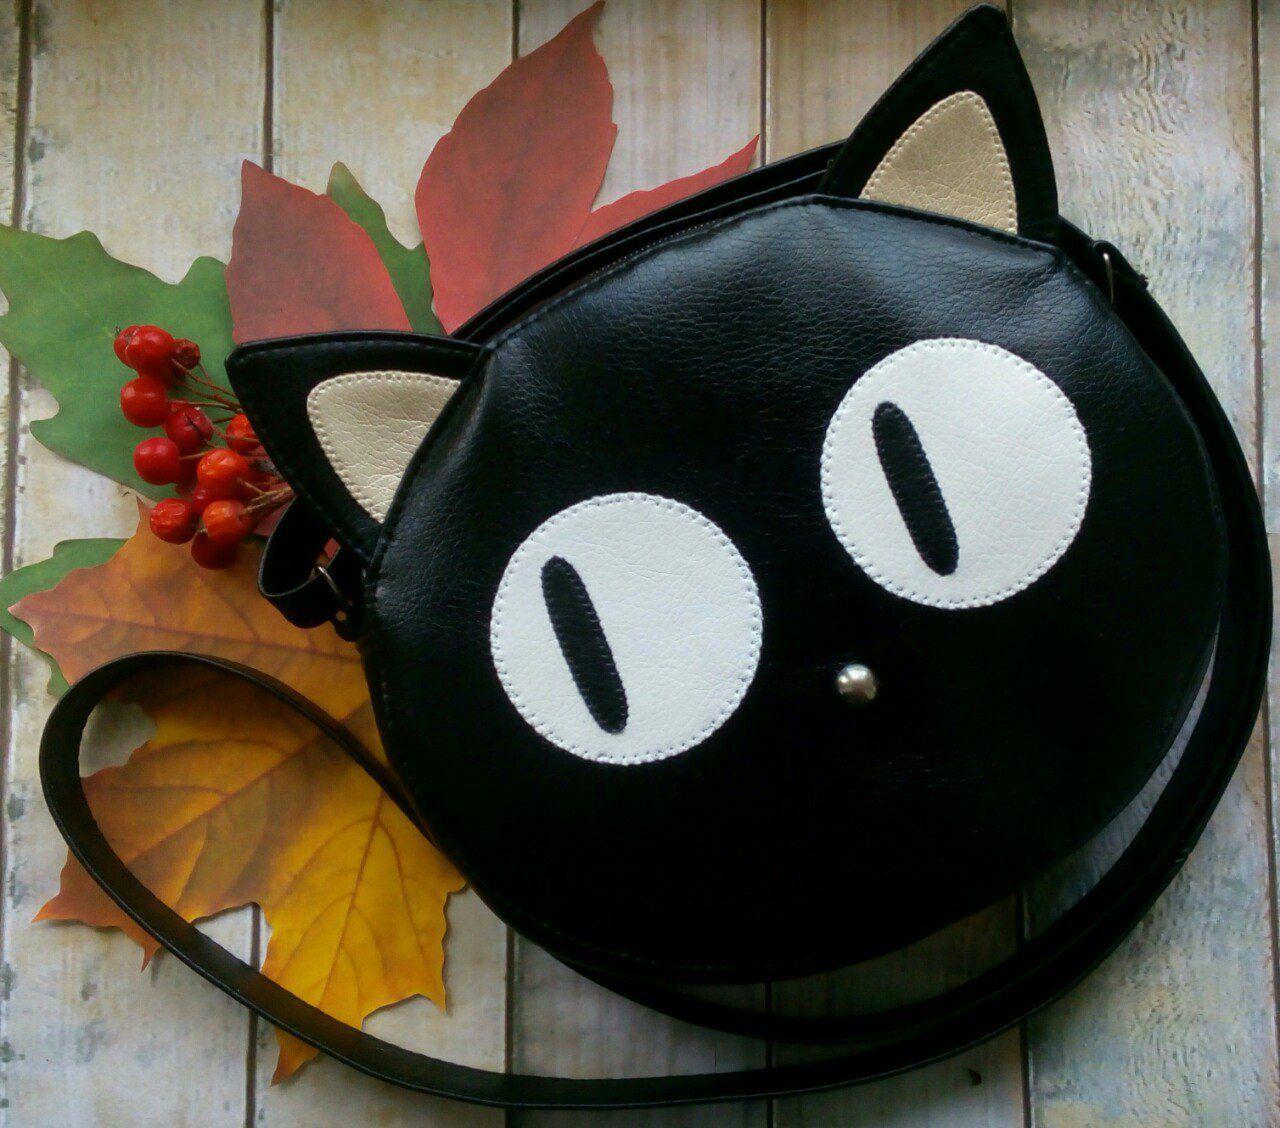 сумка сумки арбуз zverosumki зверосумки